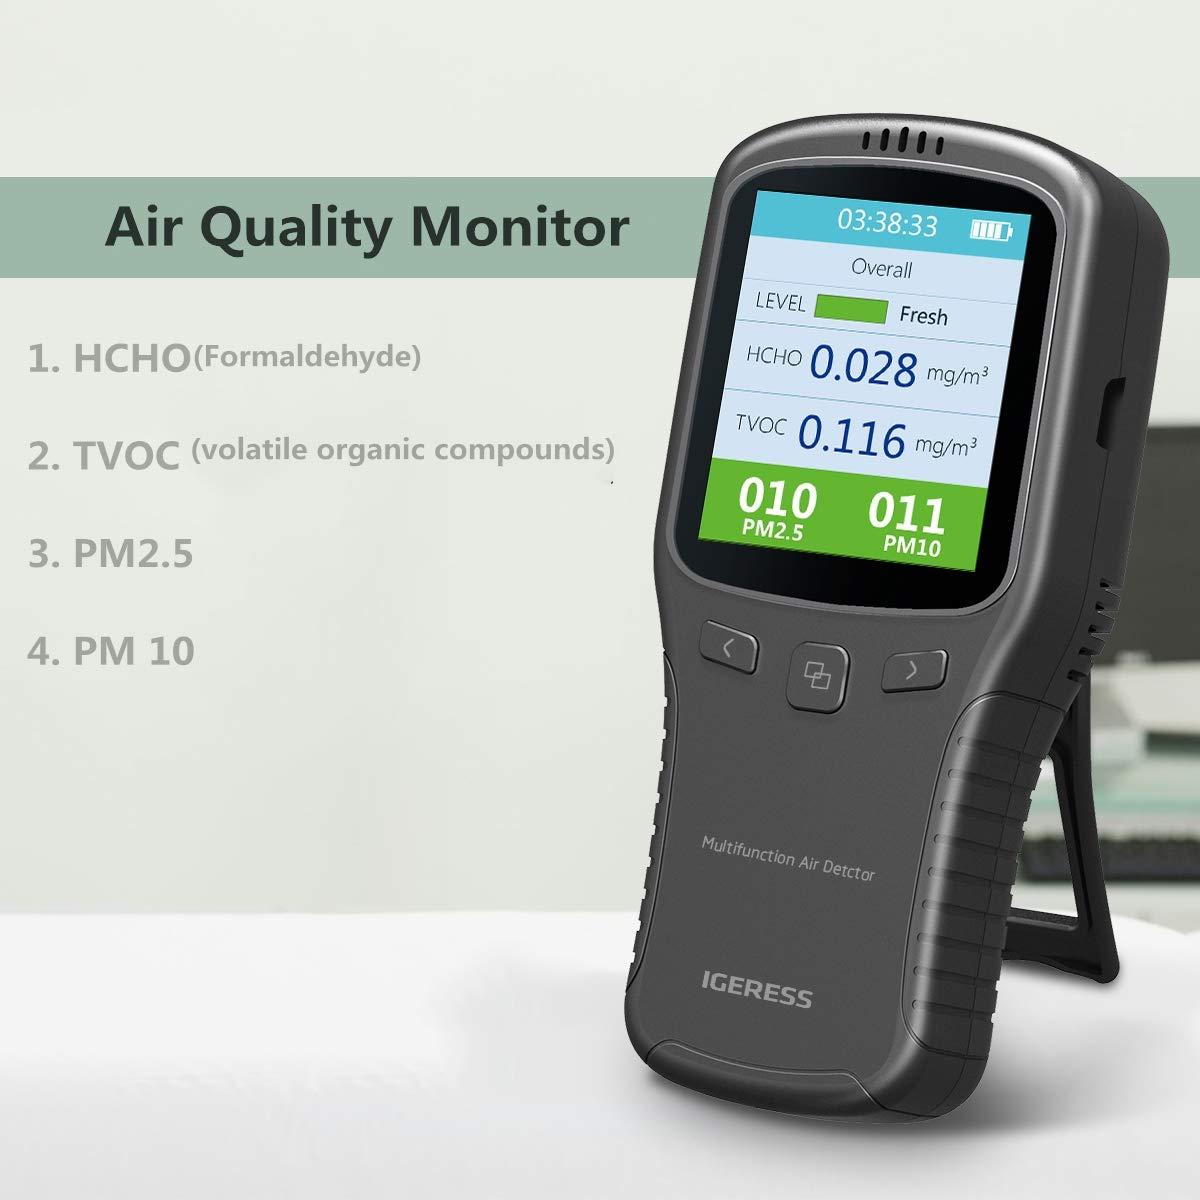 Temtop LKC-1000E qualité de l/'air Détecteur Moniteur PM 2.5 PM 10 HCHO ayant formaldehy